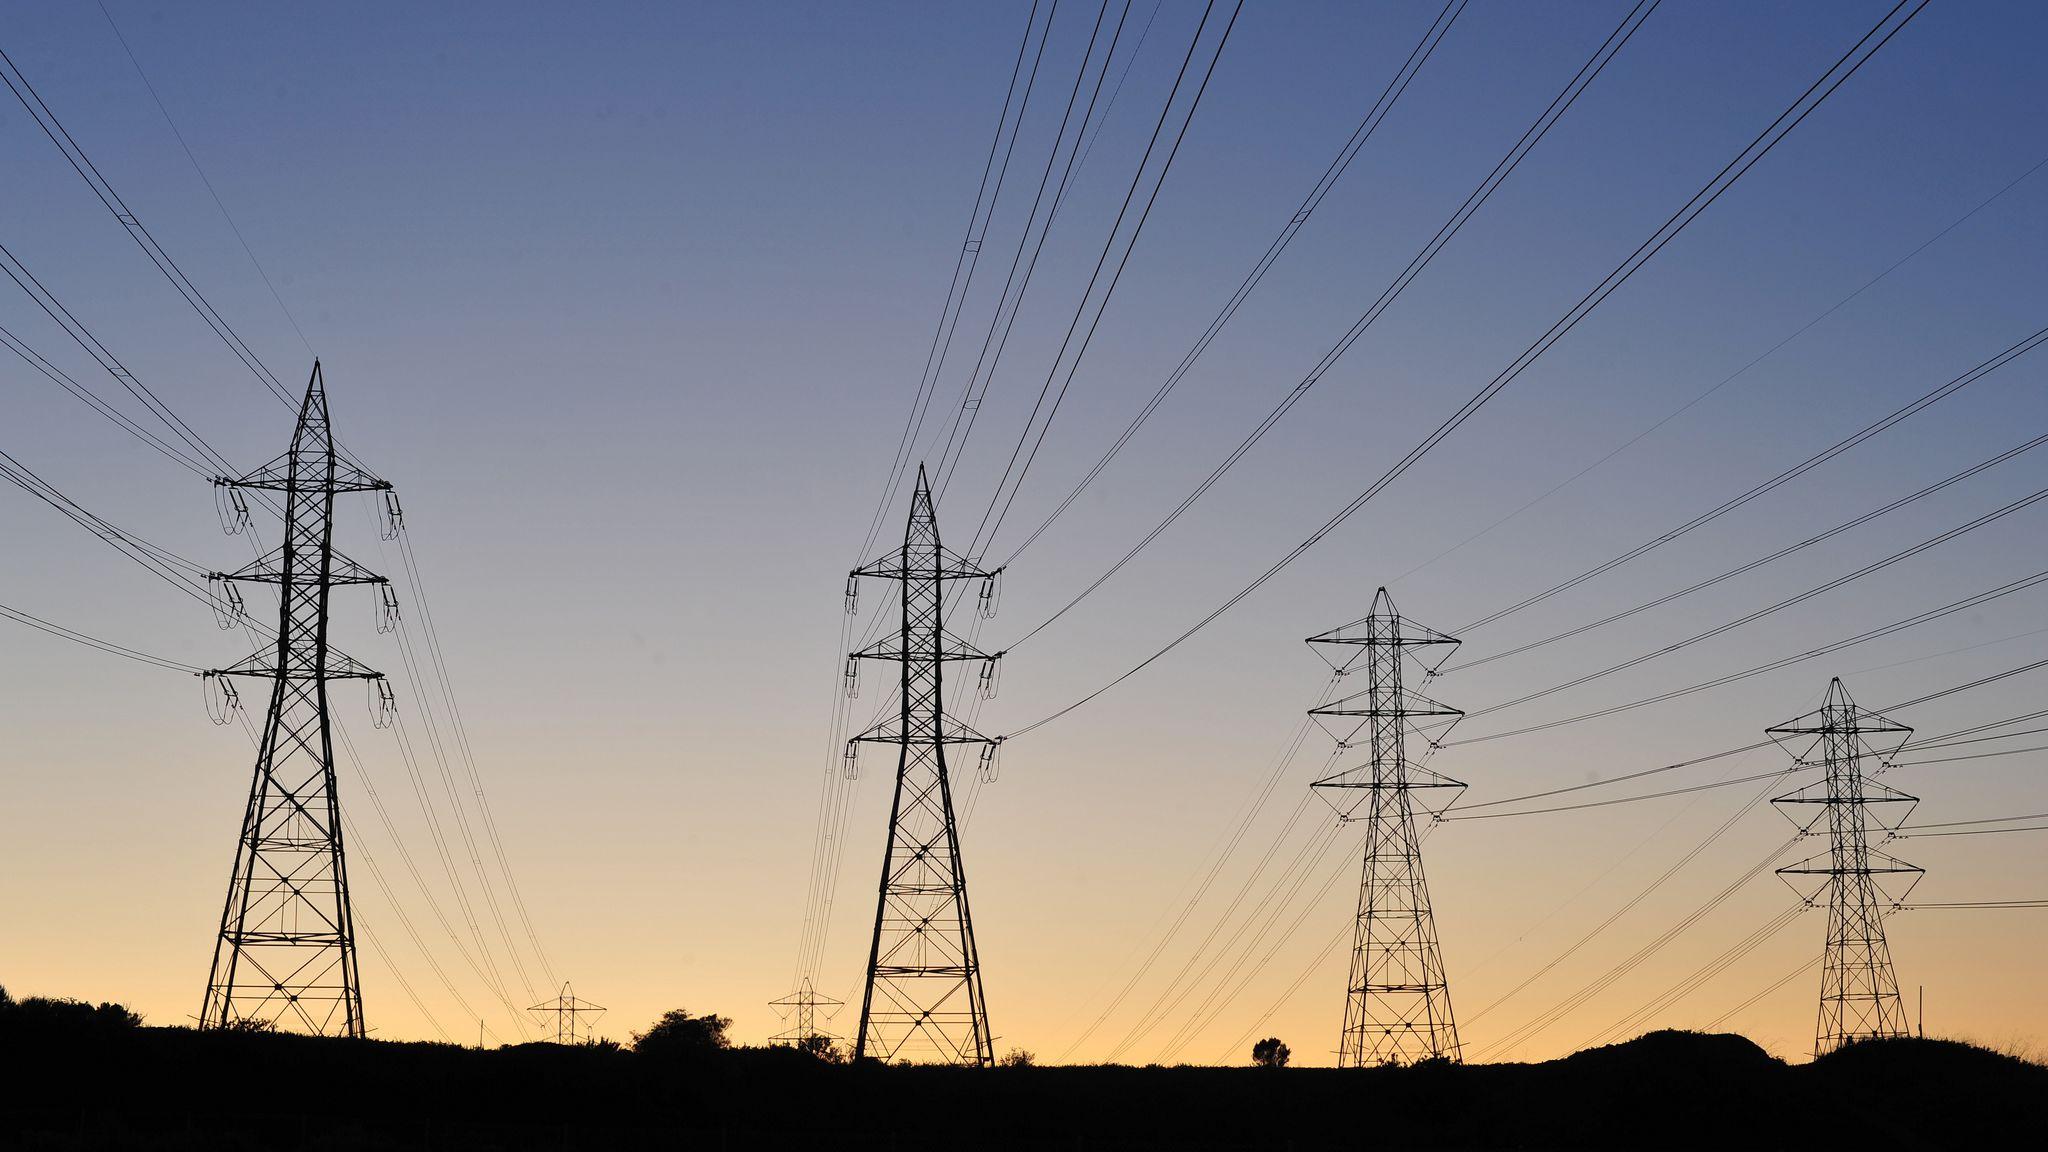 カリフォルニア州が目指す 「理想的な送電網」、 再生可能エネに諸刃の剣